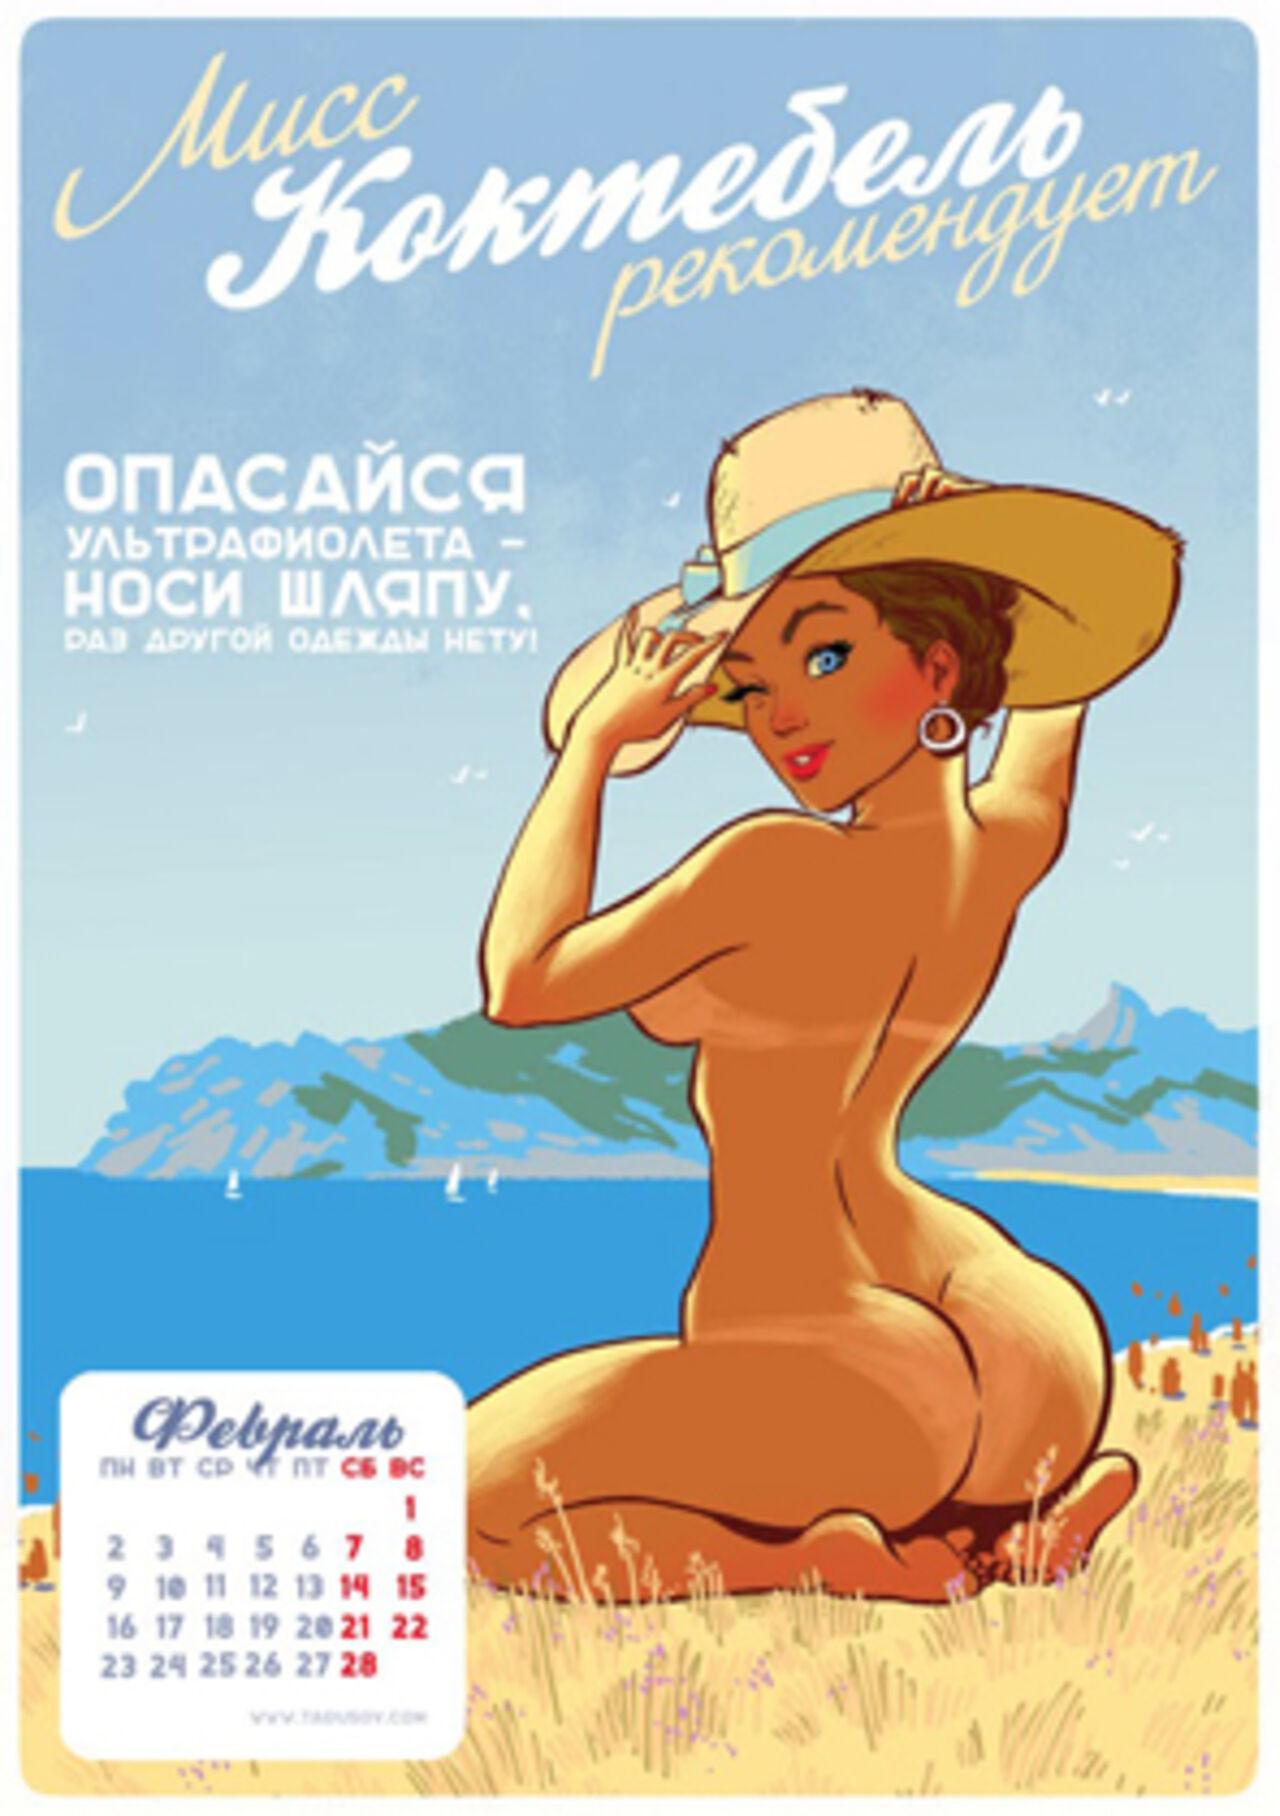 Известный московский художник Андрей ТАРУСОВ создал календарь на 2015 год в стиле Pin-Up.Для того, чтобы получить...